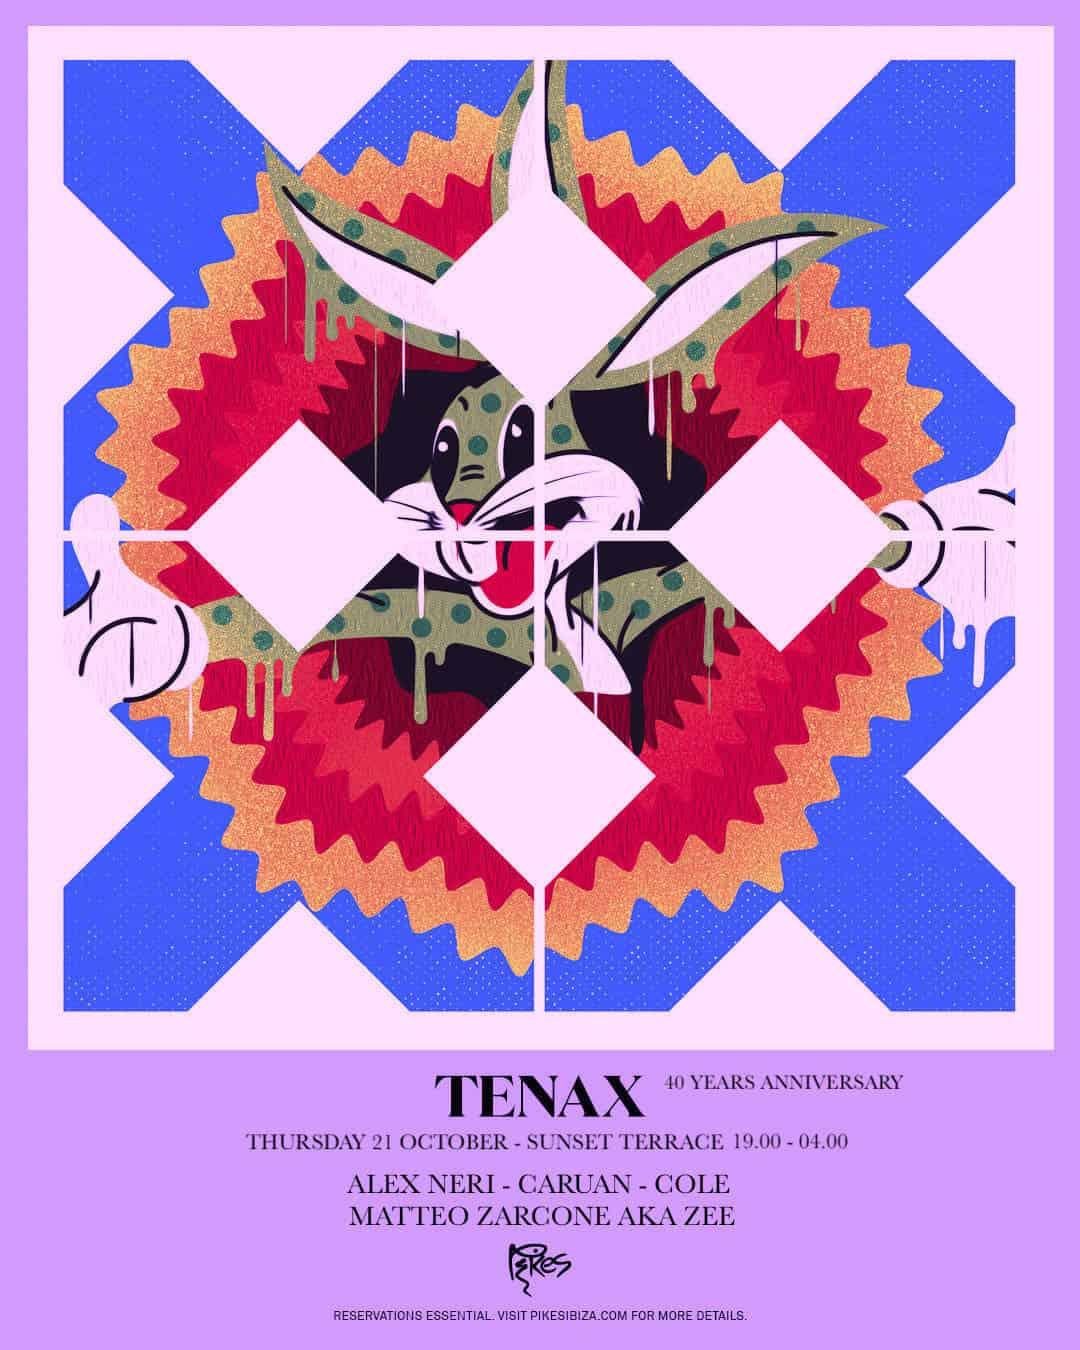 tenax-pikes-ibiza-2021-welcometoibiza